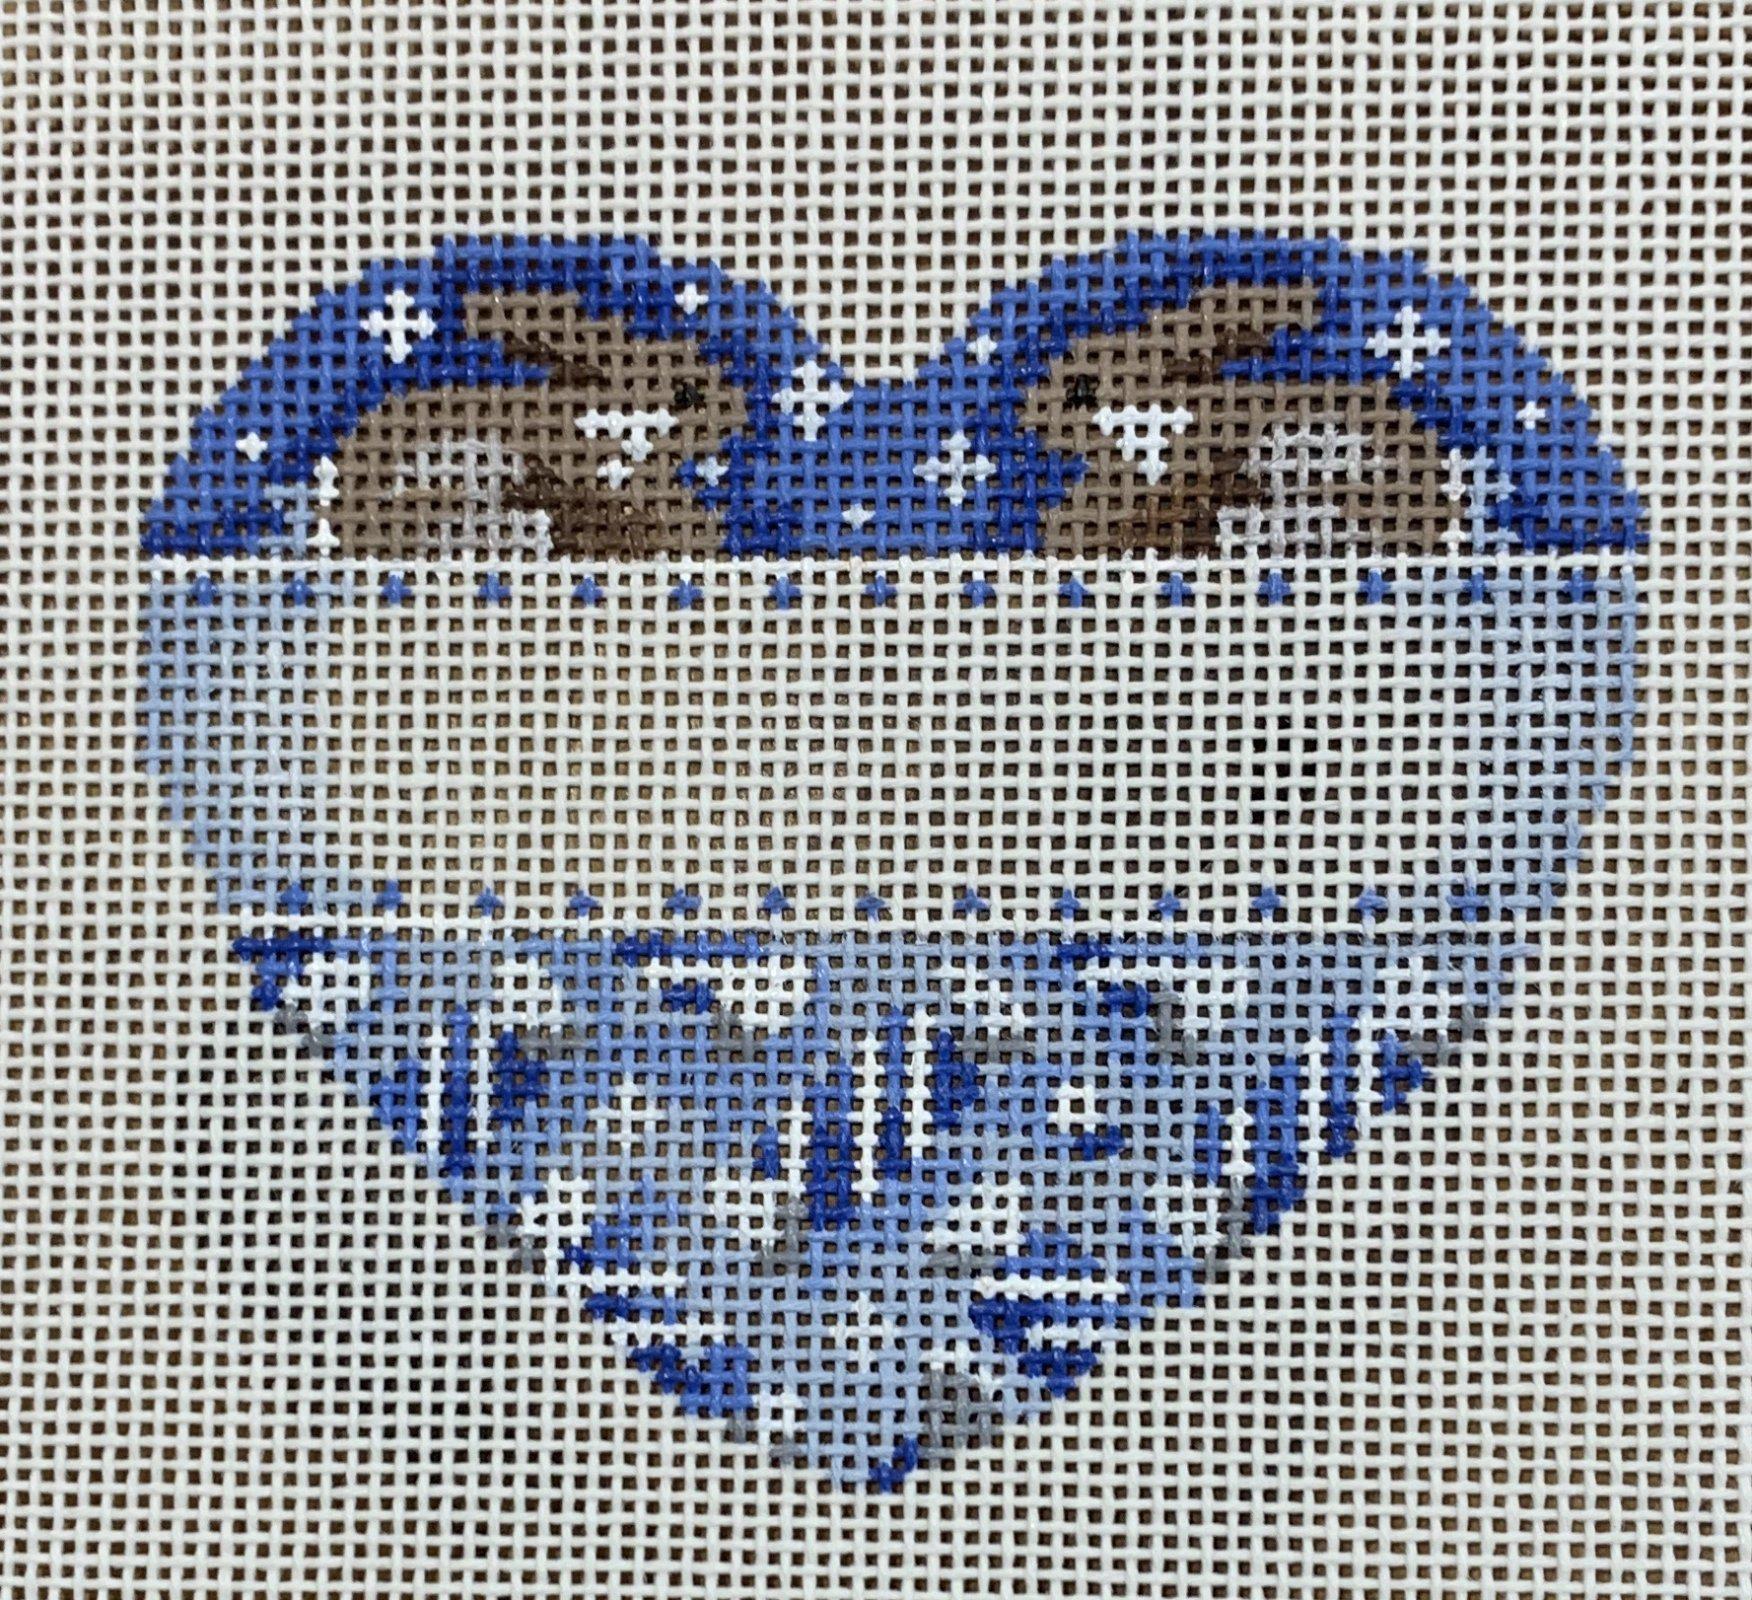 ATTSCT1227 Blue Bunnies Heart  3.5x3  18